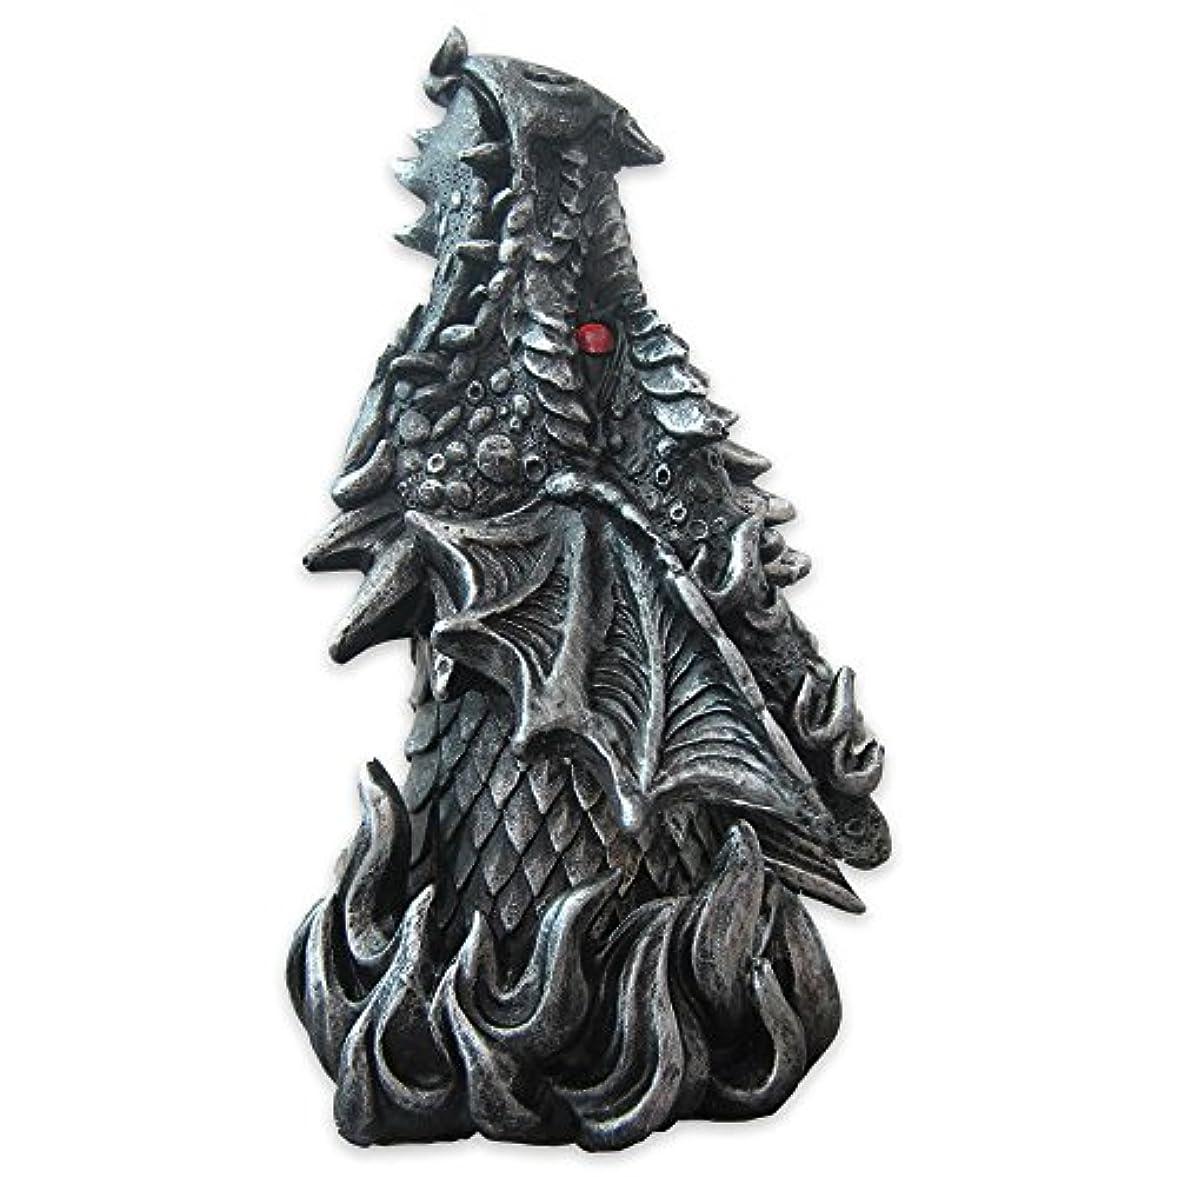 リボン家禽忠実Dragon Figure Cone Incense Burner Fiery Eyes - Gothic Smoke Breathing Decor